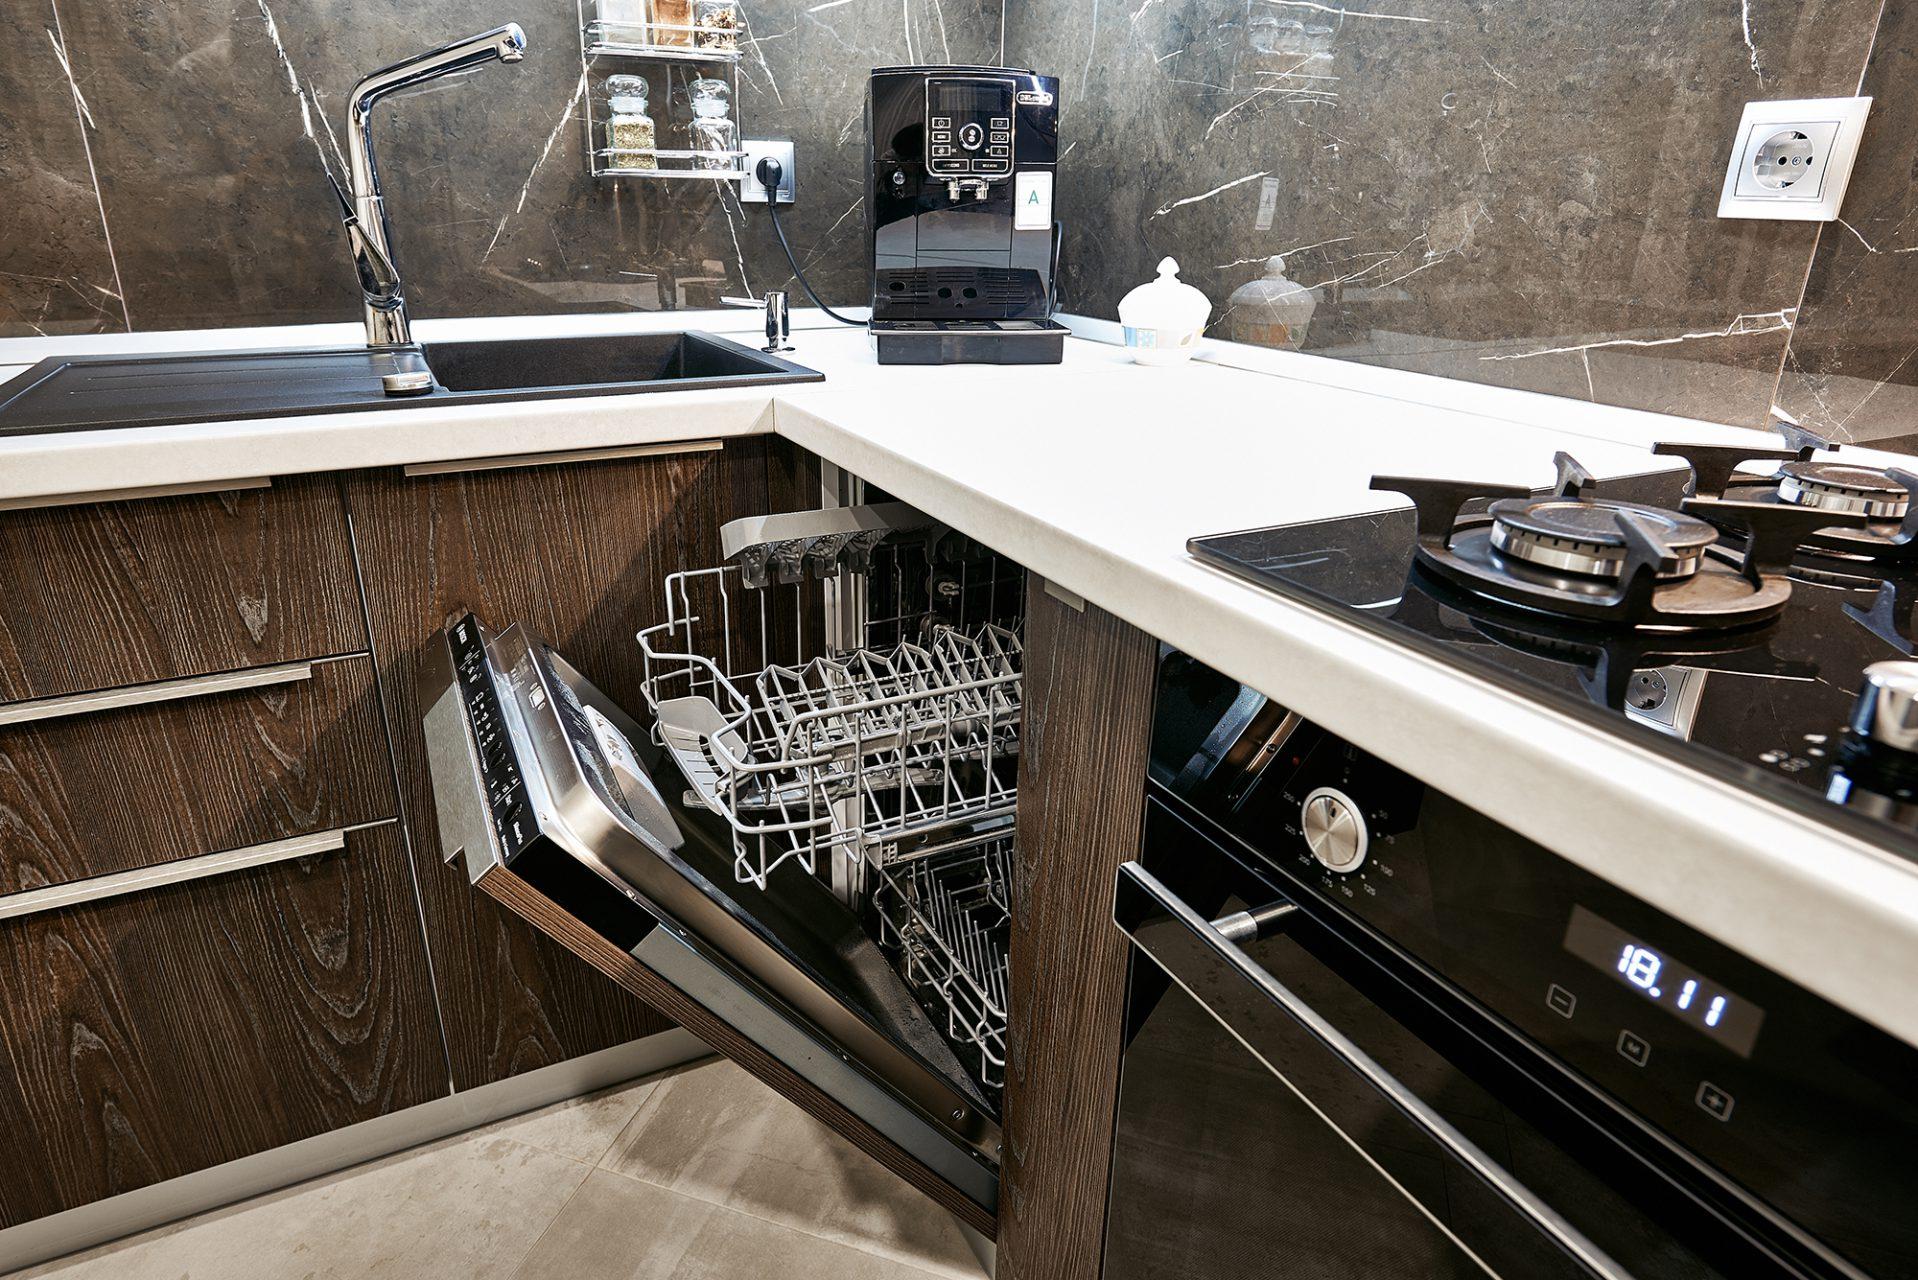 007_interior_kitchen4_korneychikeu